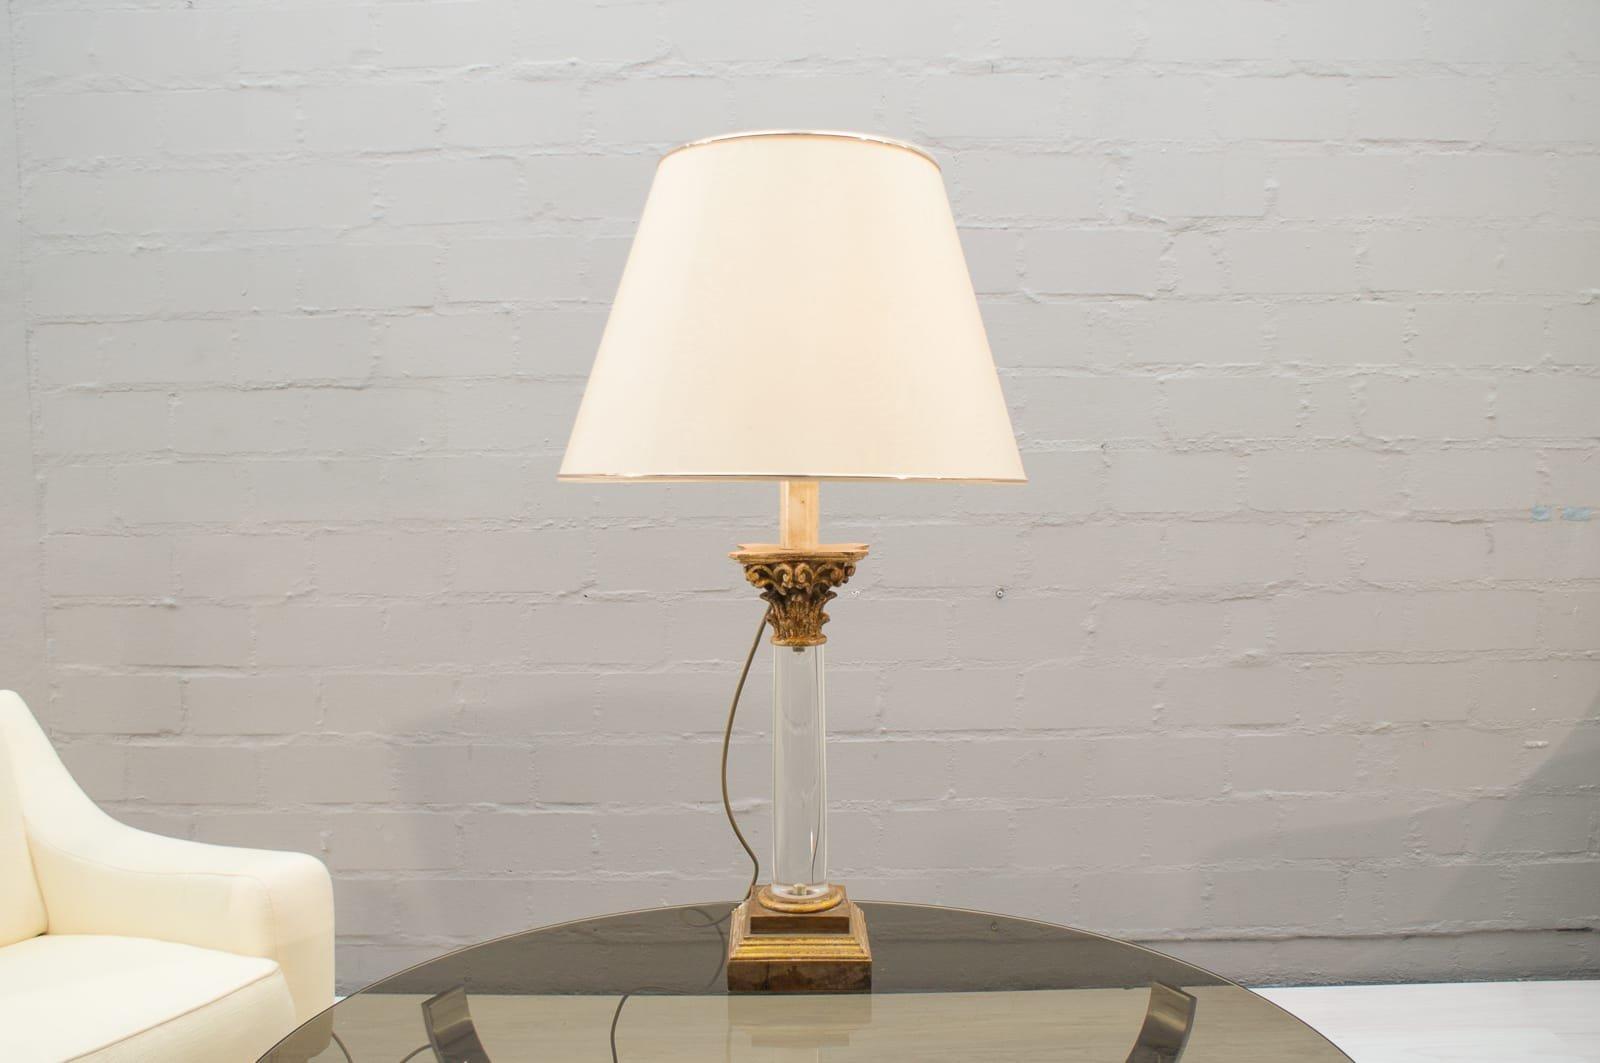 Hollywood Regency Tischlampe mit 3 Leuchten von BF Art, 1960er